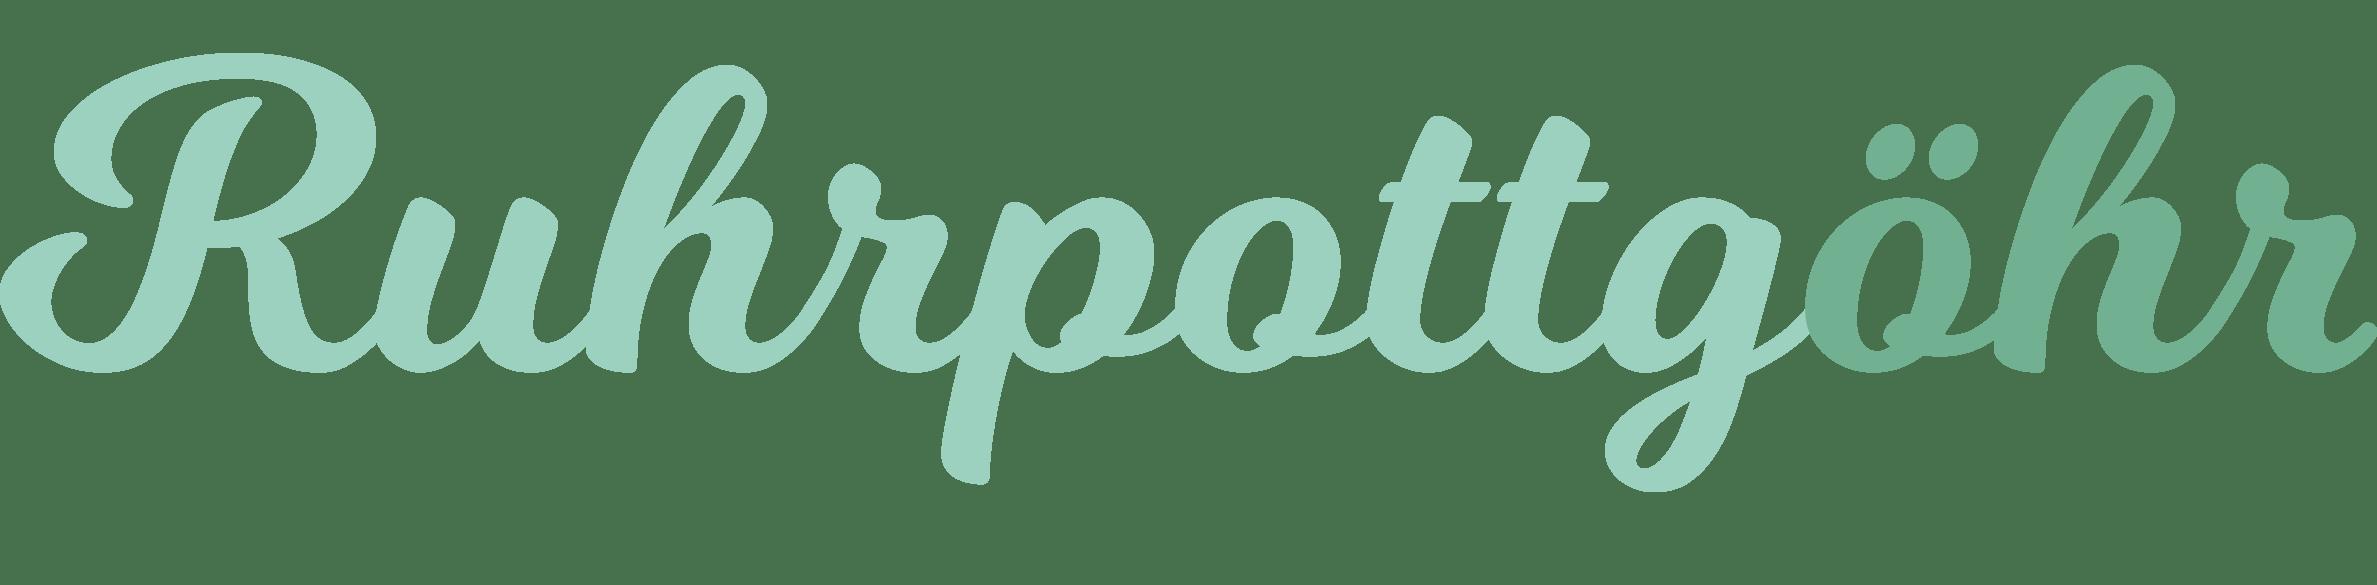 Ruhrpottgoehr_logo_text